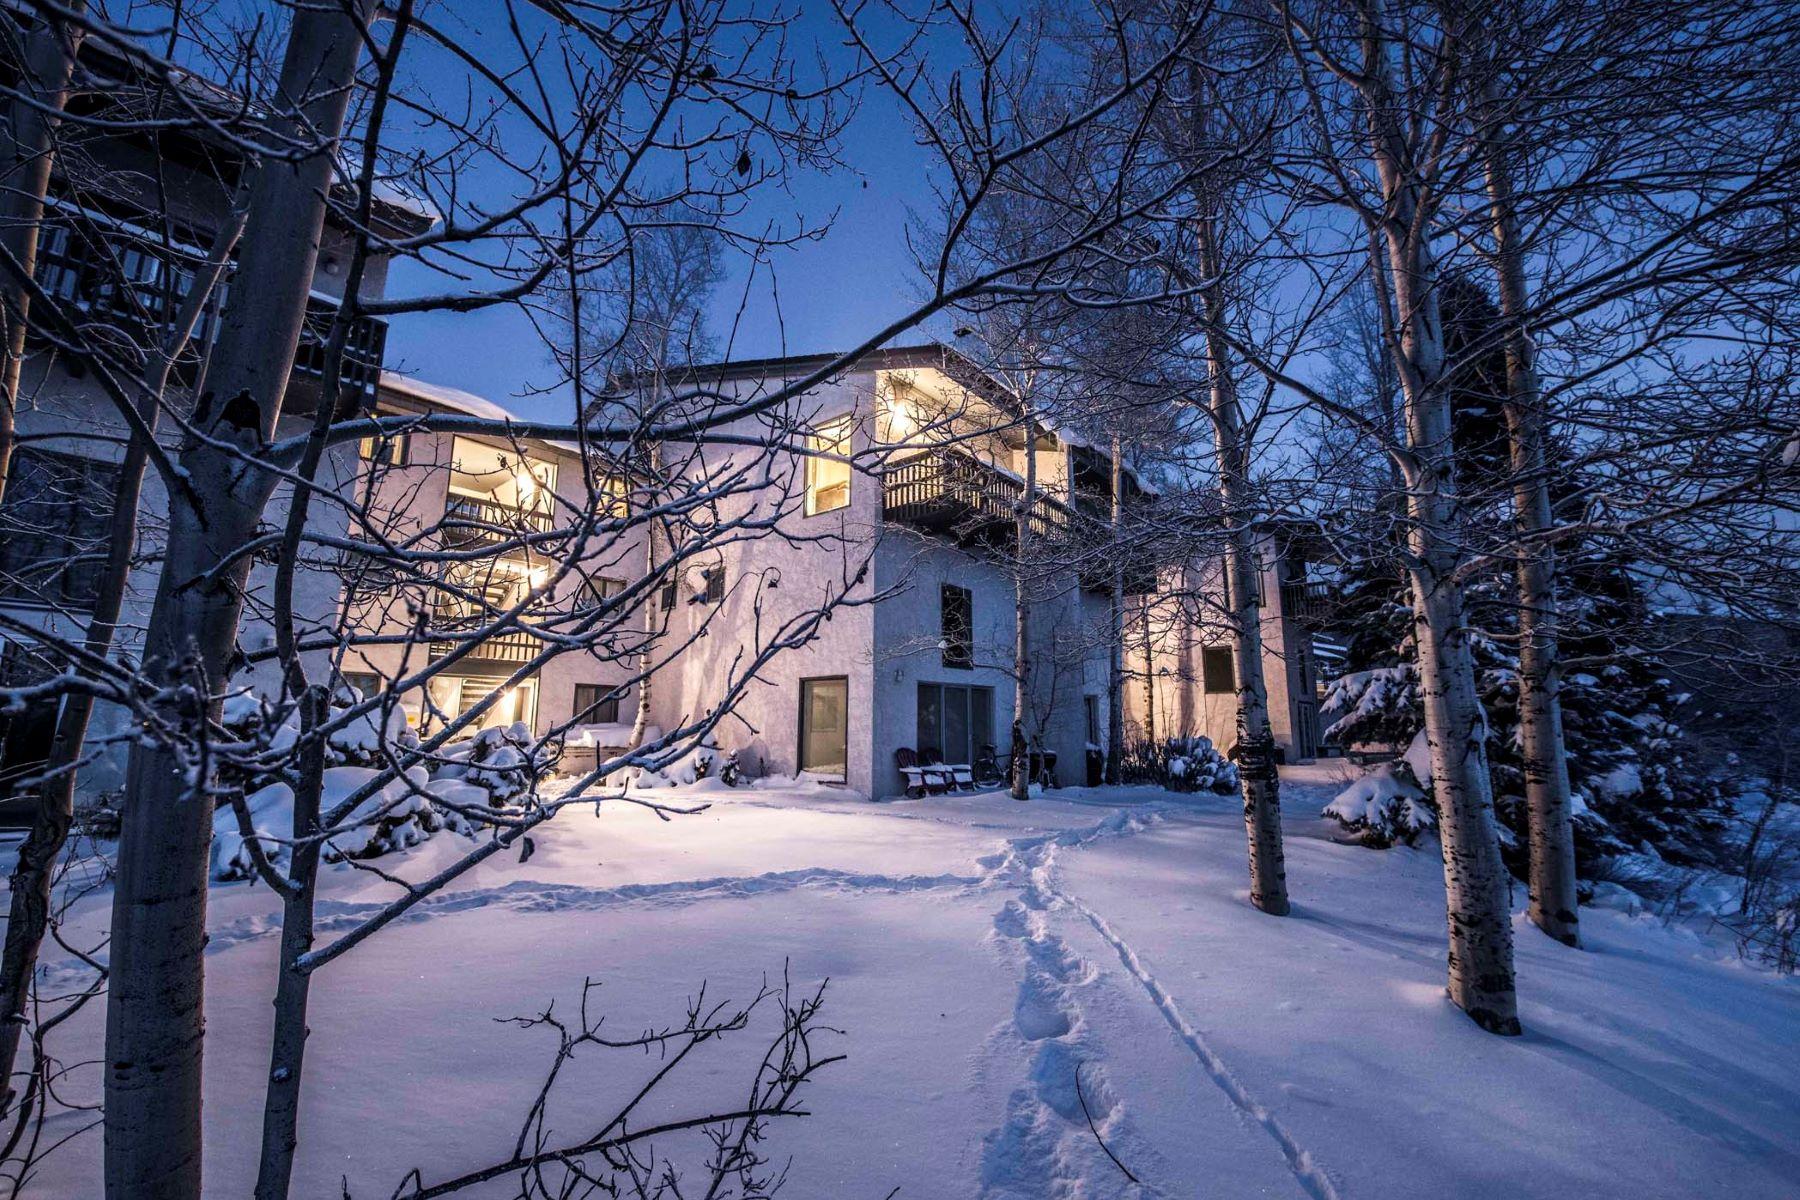 Eigentumswohnung für Verkauf beim 3 bedroom condo at Teton Village 7200 N Rachel Way C-6 Teton Village, Wyoming, 83025 Jackson Hole, Vereinigte Staaten